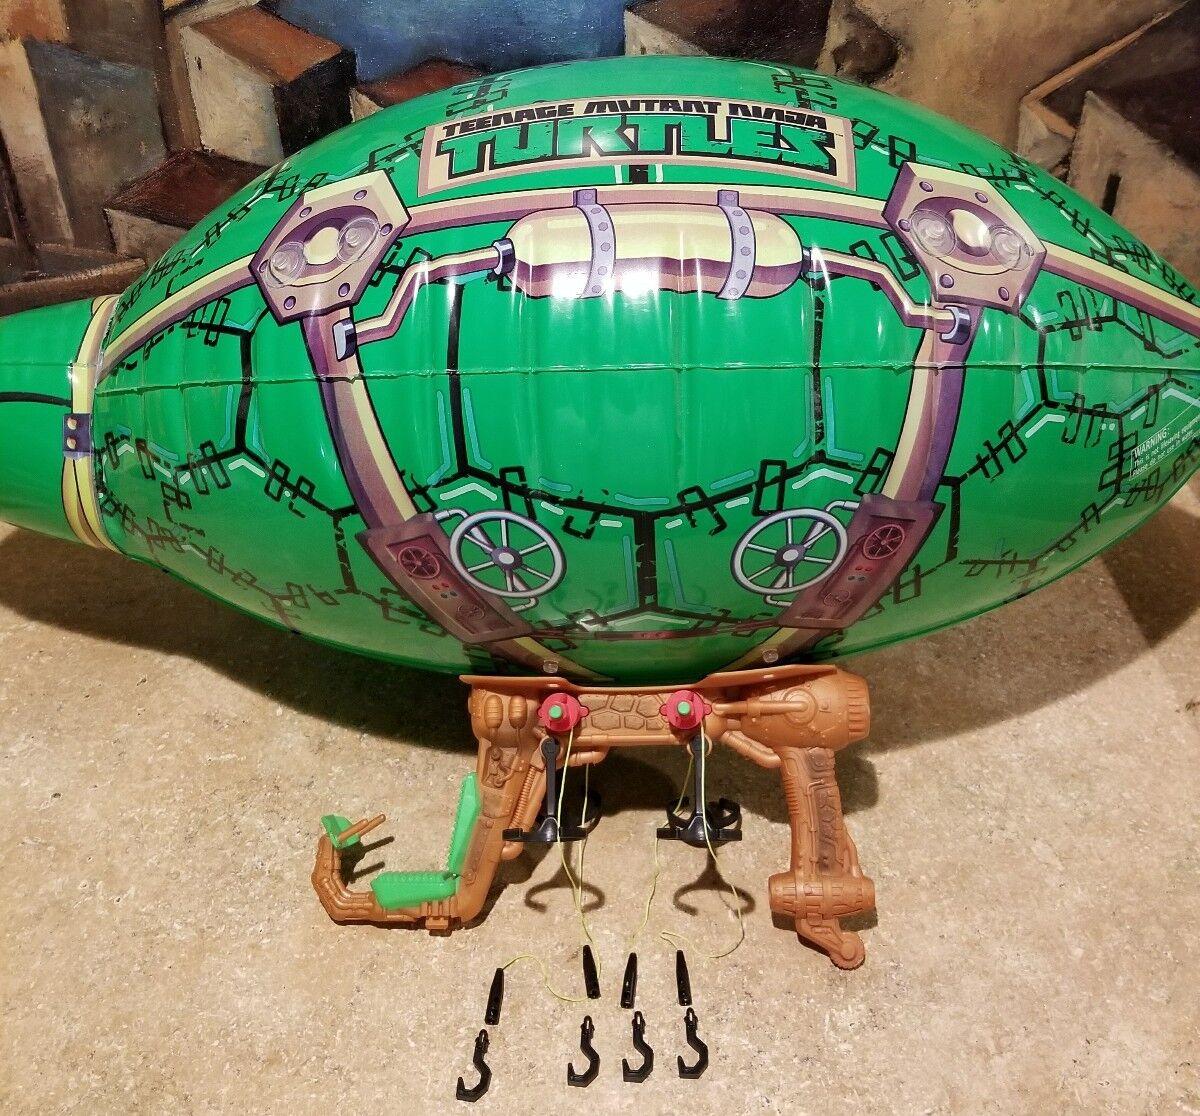 Teenage Mutant Ninja Turtles Rare Awesome BLIMP Vehicle 2014 TMNT